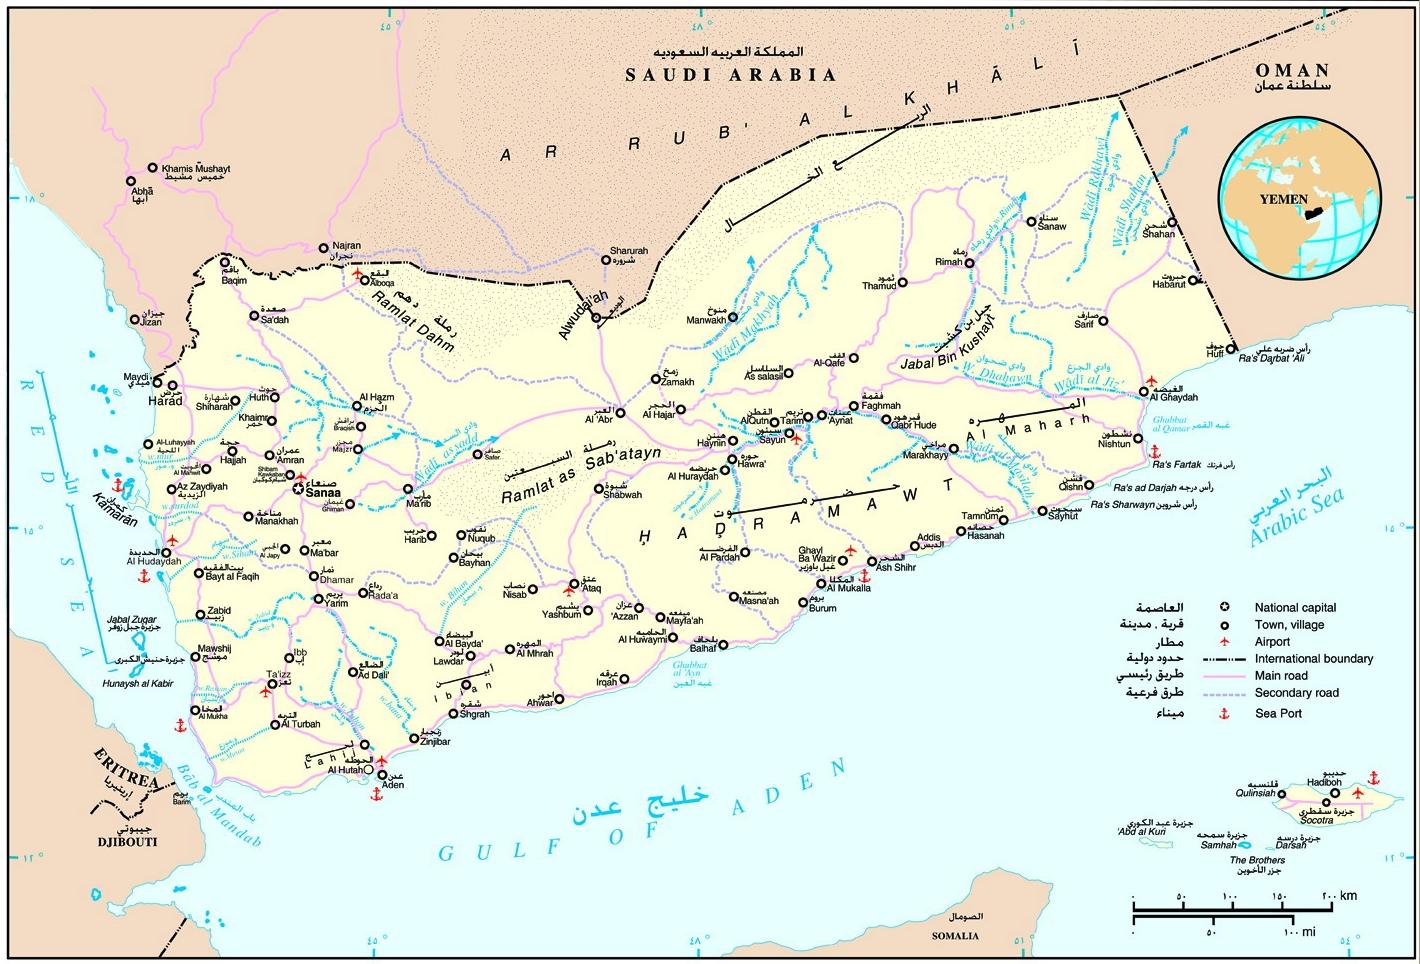 بالصور خريطة اليمن التفصيلية بالصور الواضحة والمفصلة 3208 1